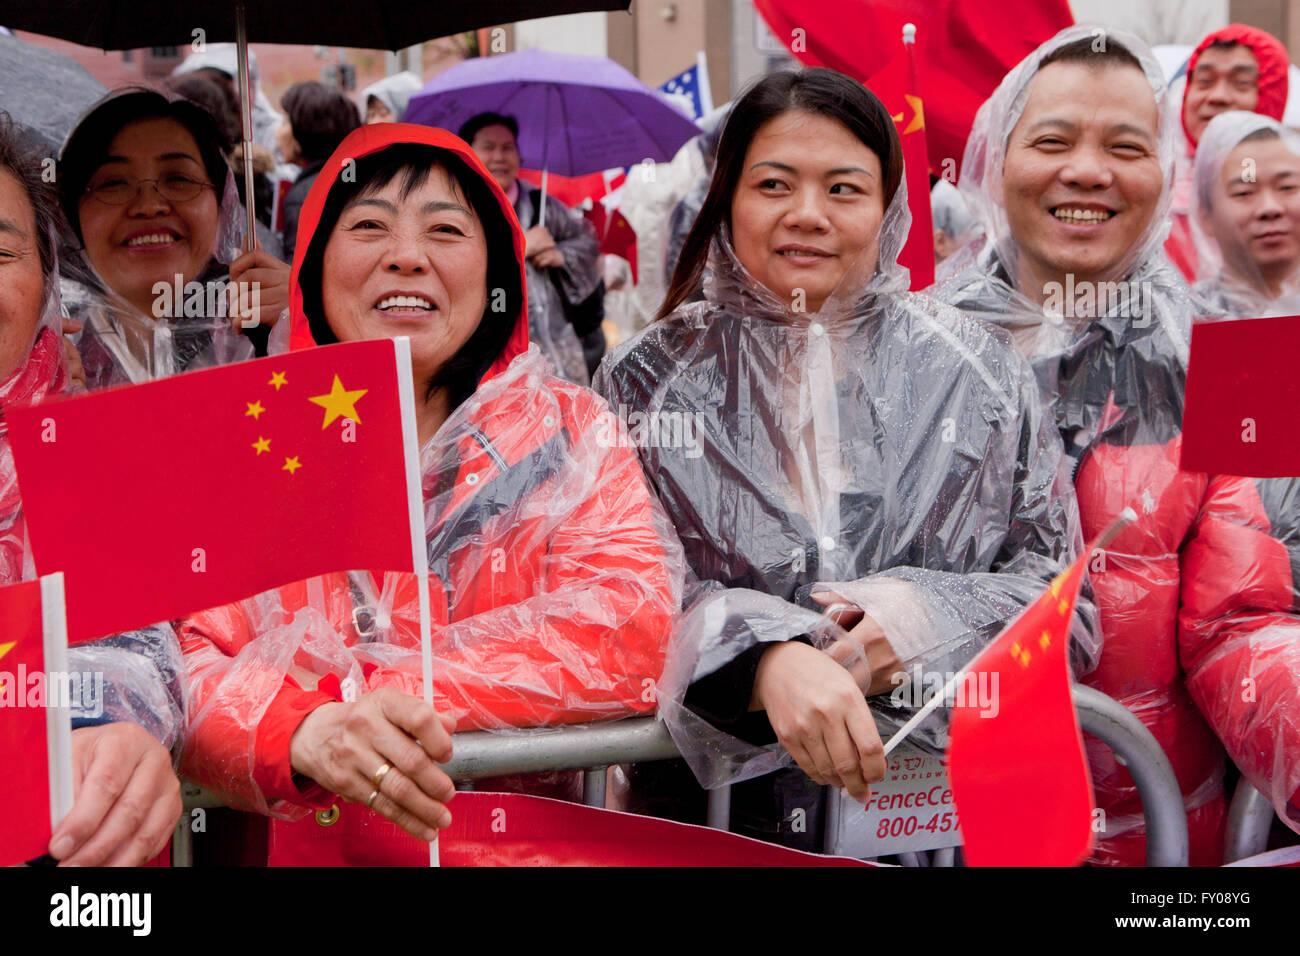 Chinese-Americans tenir des signes de soutien et d'accueil, le président Xi Jinping est de parvenir au Photo Stock